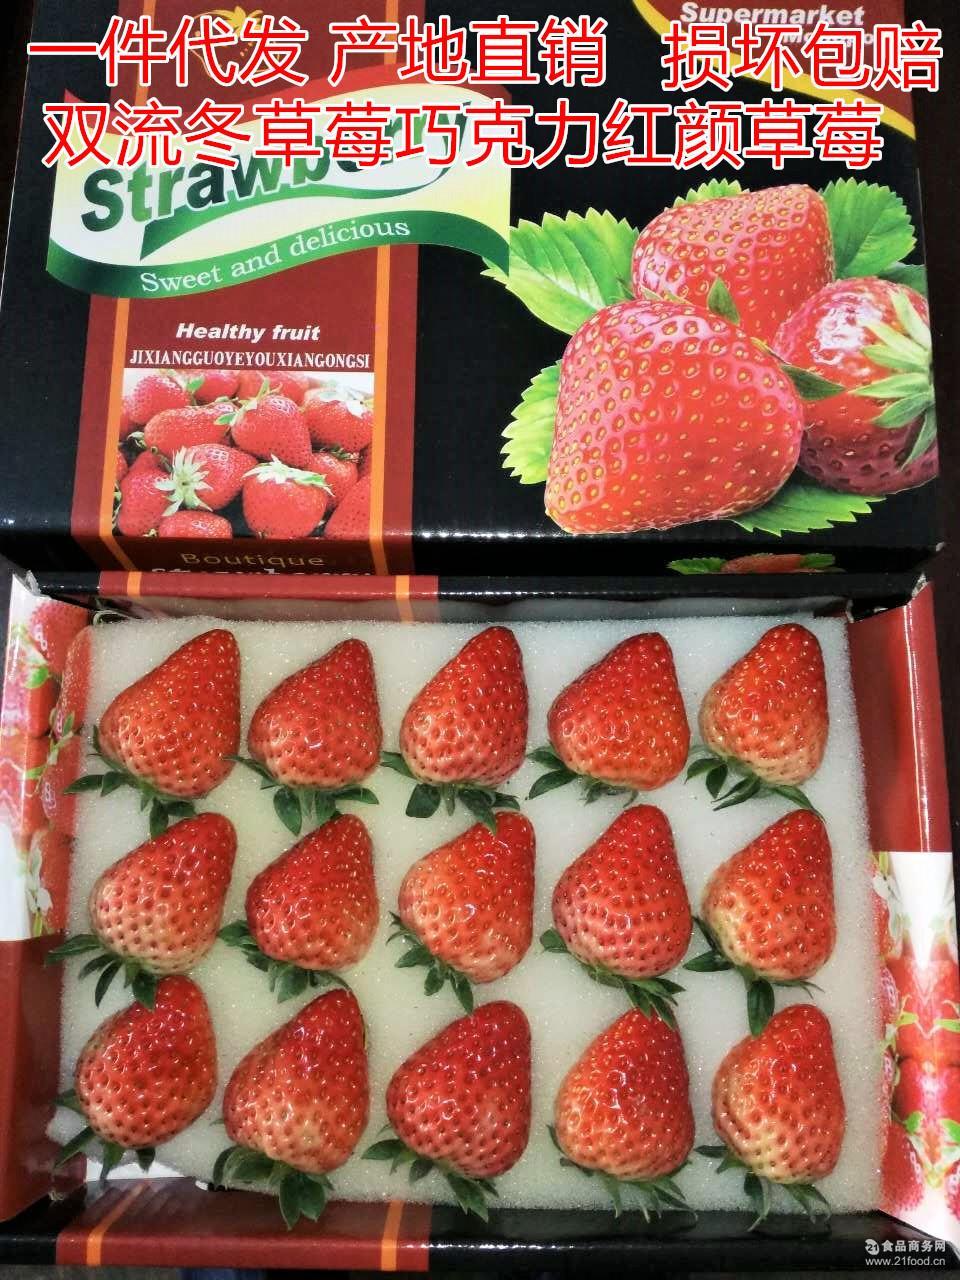 水果双流冬草莓 代理批发供应超市水果店巧克力芳香草莓产地直销